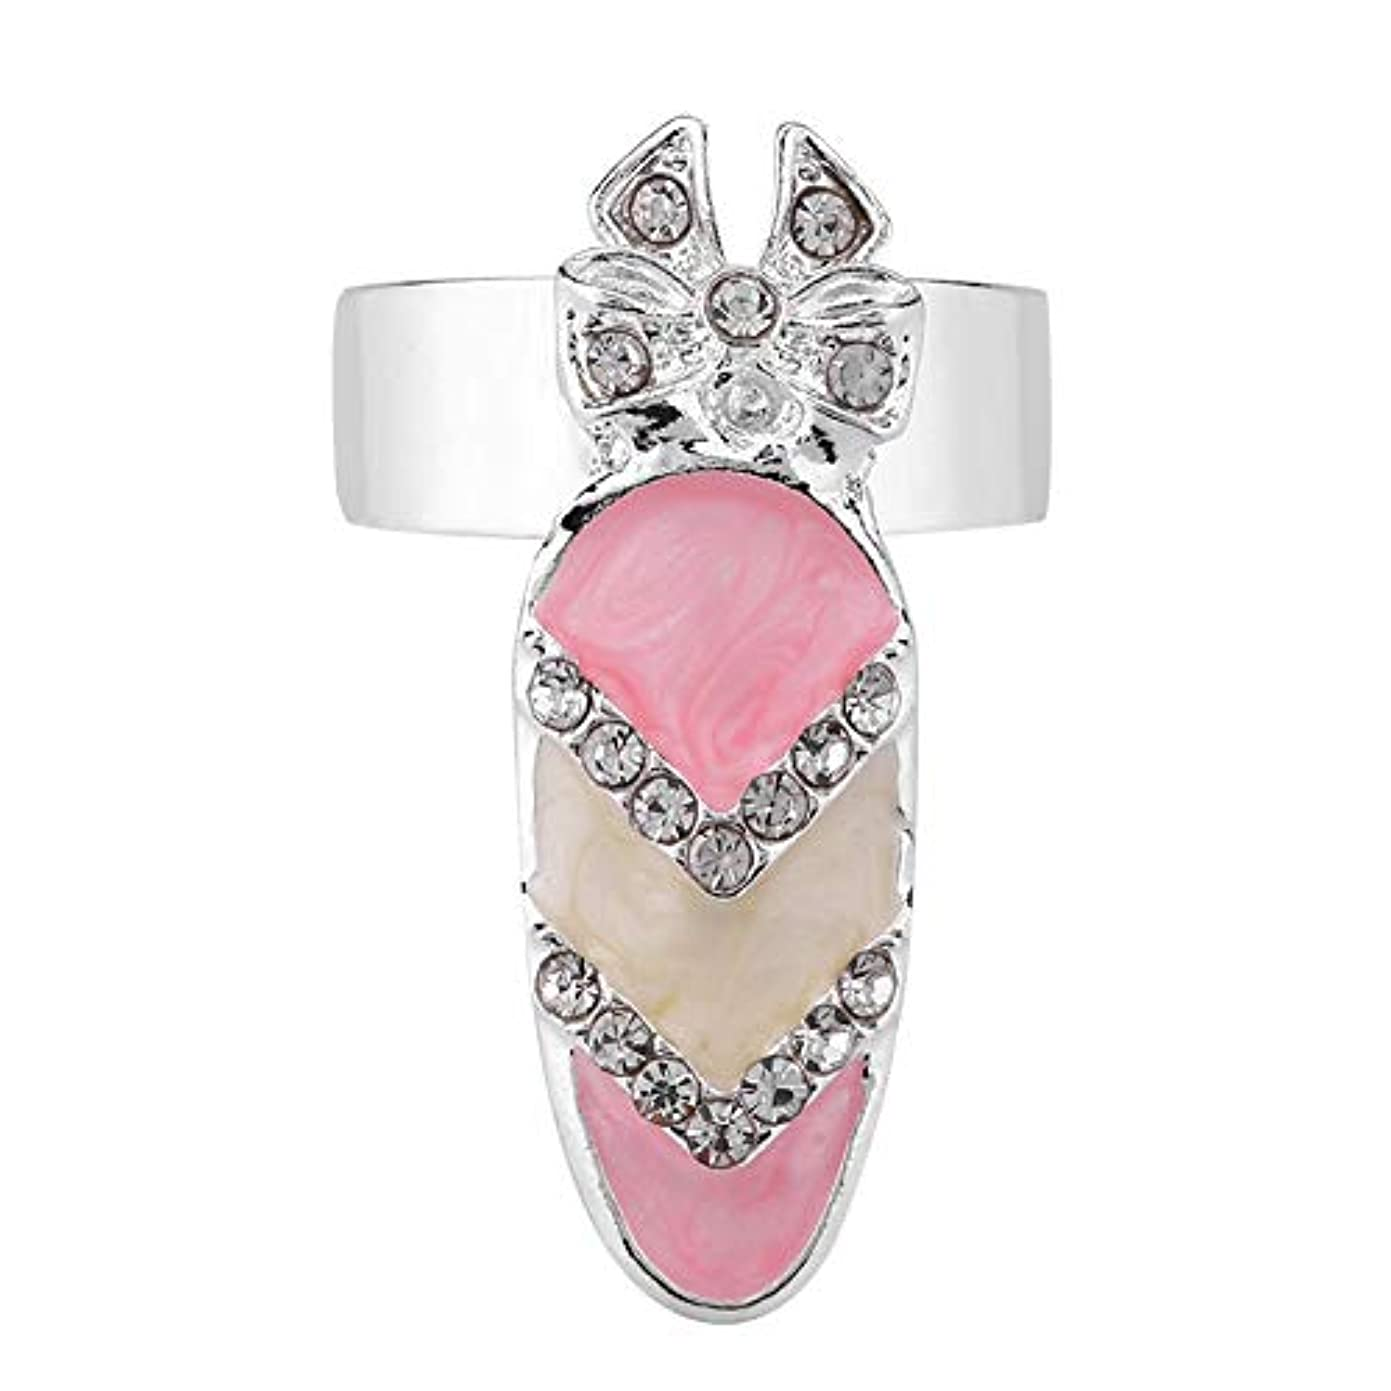 それから重くするアクチュエータSemmeちょう結びのナックルの釘のリング、指の釘の指輪6種類のちょう結びの水晶指の釘の芸術のリングの女性の贅沢な指の釘のリングの方法ちょう結びの釘の釘のリングの装飾(5#)